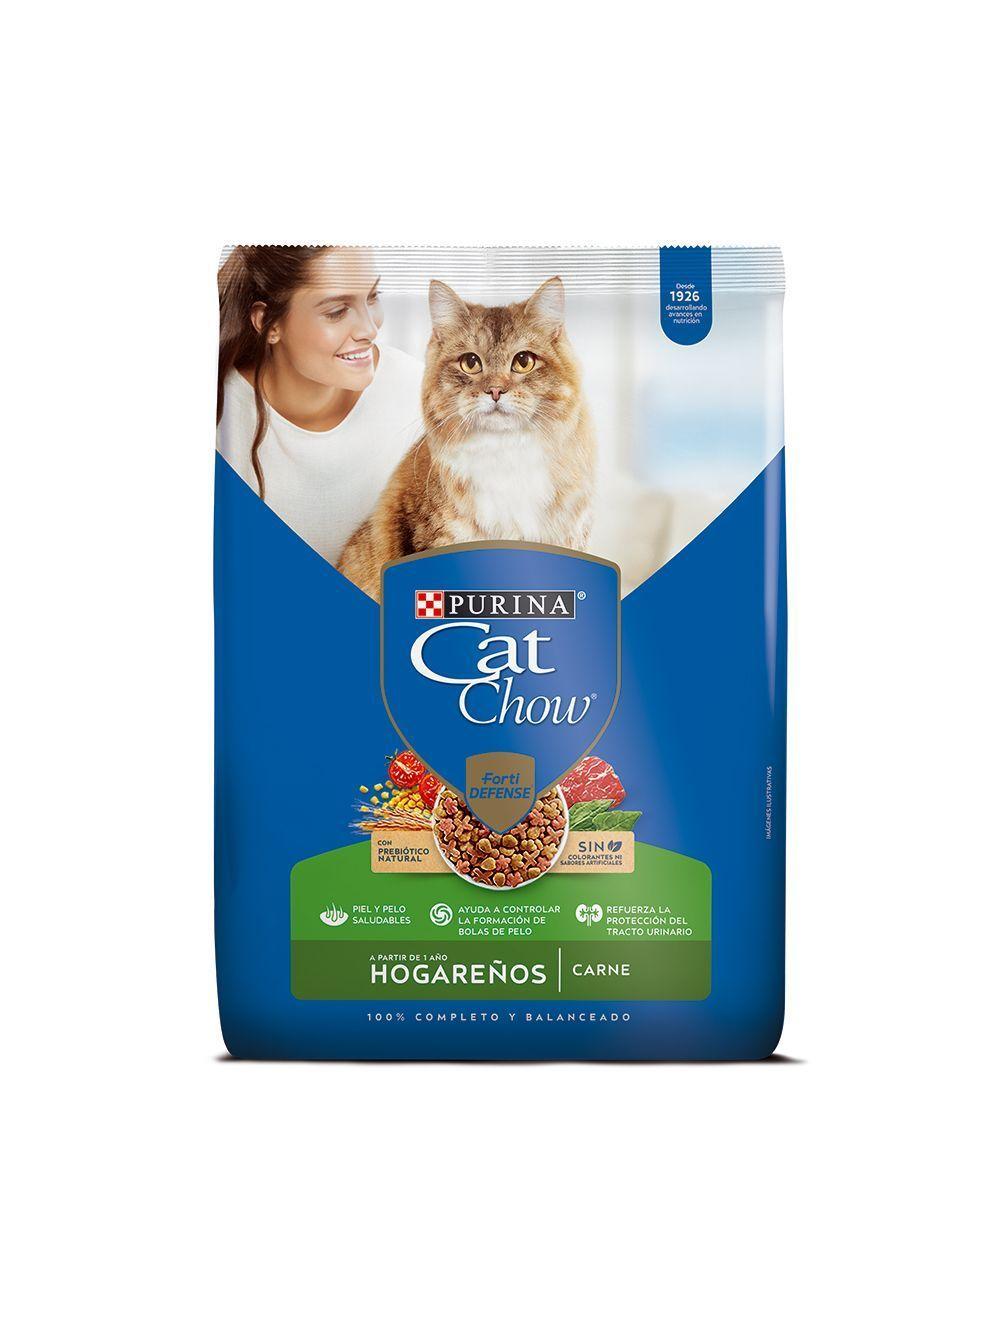 Comida para gatos Cat Chow Hogareños - ciudaddemascotas.com